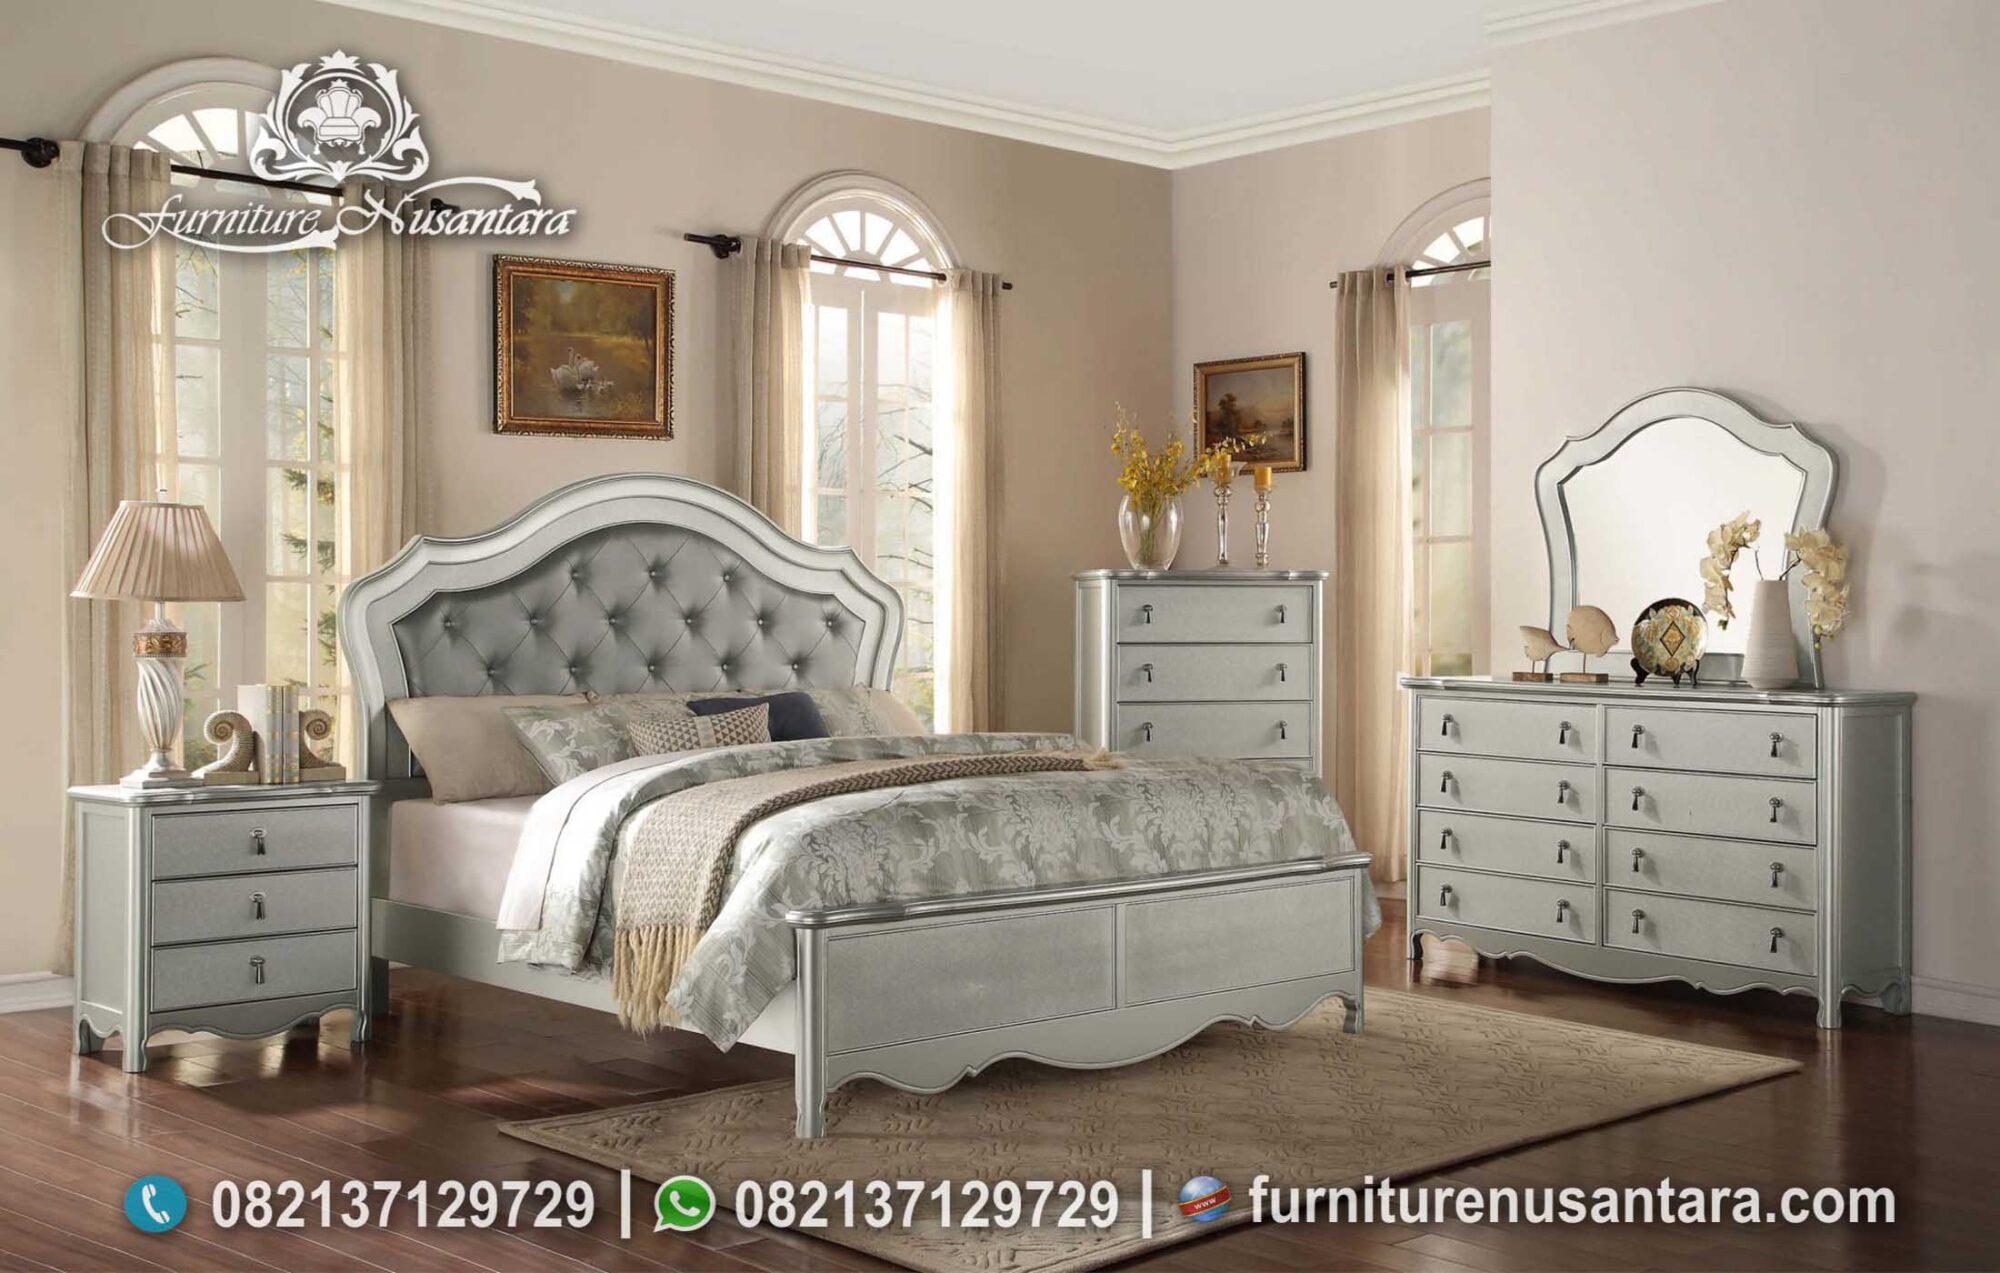 Desain Kamar Mewah Minimalis KS-105, Furniture Nusantara